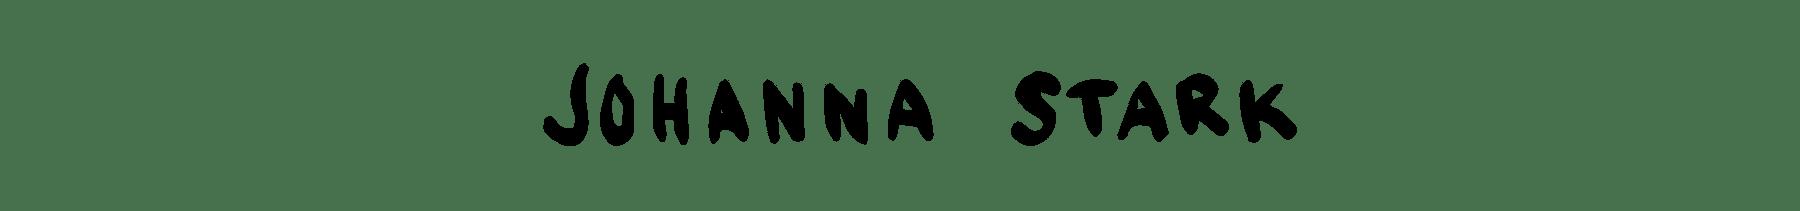 johannastark